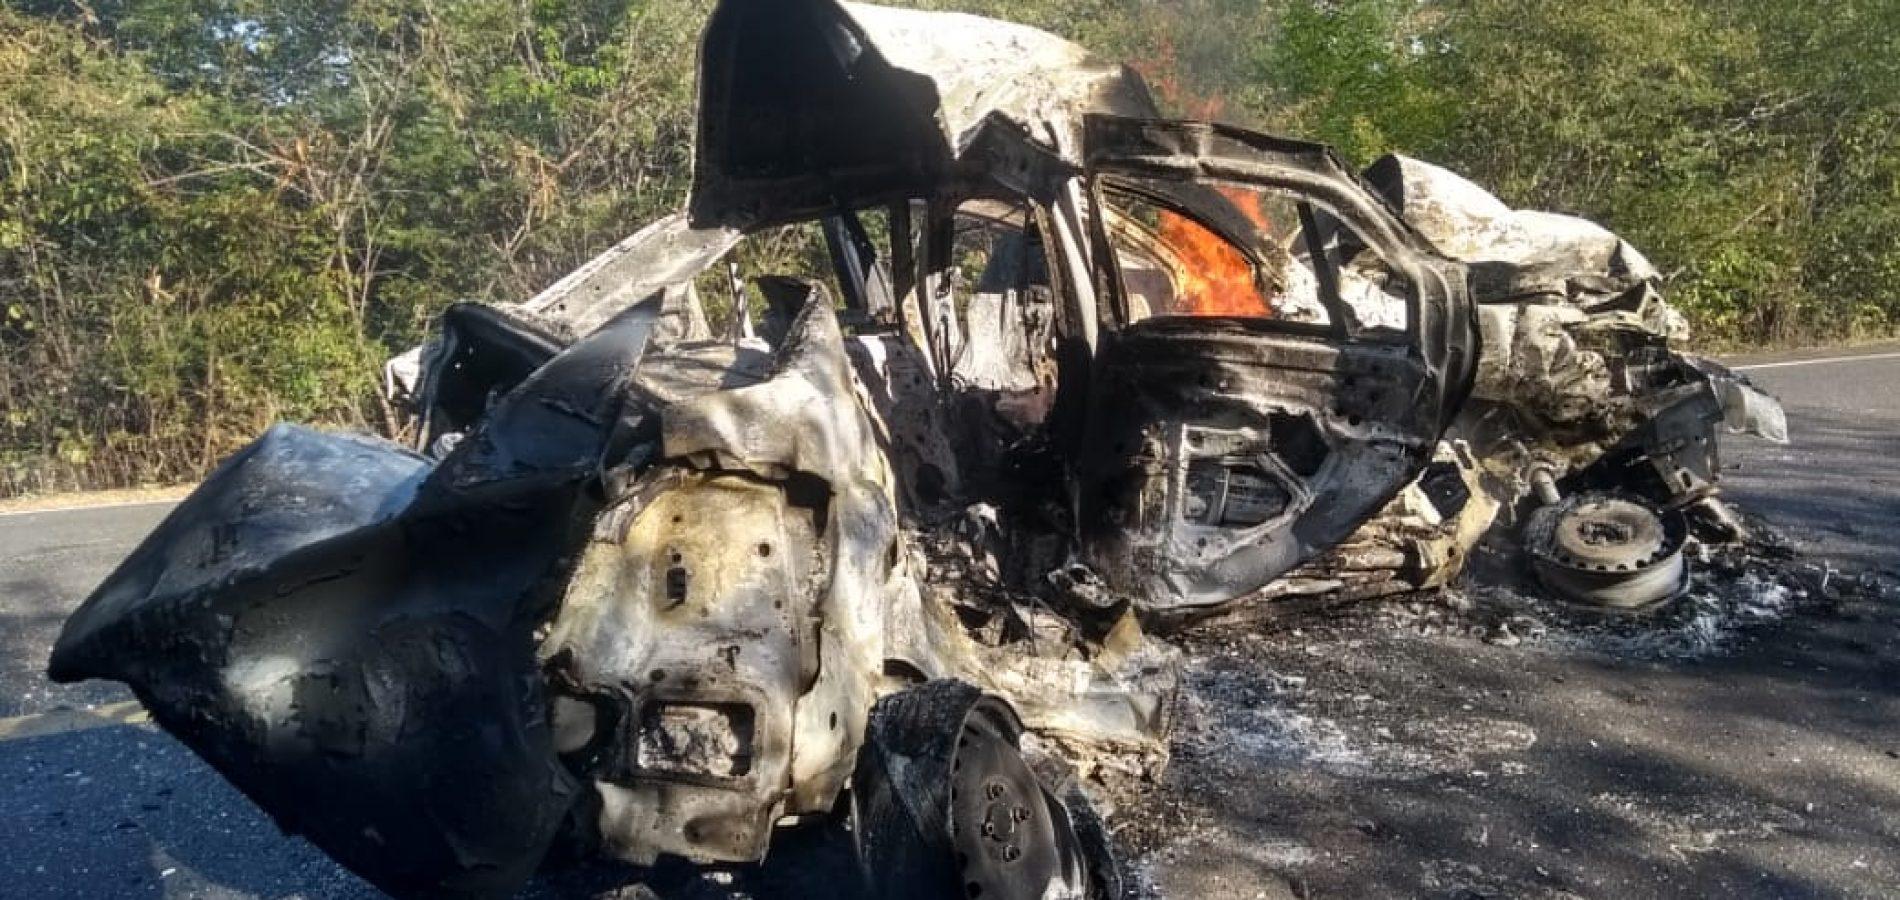 Veículo pega fogo após colisão e duas pessoas morrem carbonizadas no Piauí